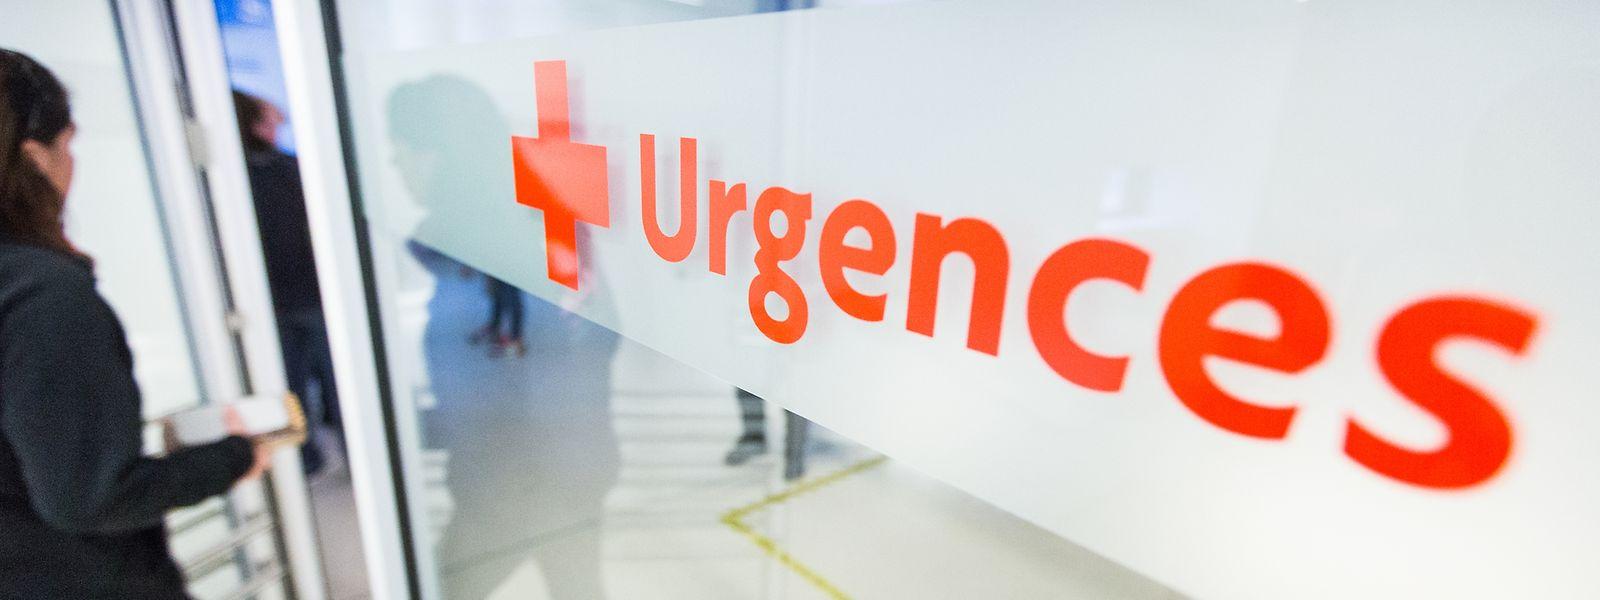 Seitdem die Notaufnahme in Niederkorn zwischen 21 und 7 Uhr geschlossen bleibt, können Patienten in der Südregion bei einem nächtlichen Notfall nur noch die Urgence in Esch aufsuchen.